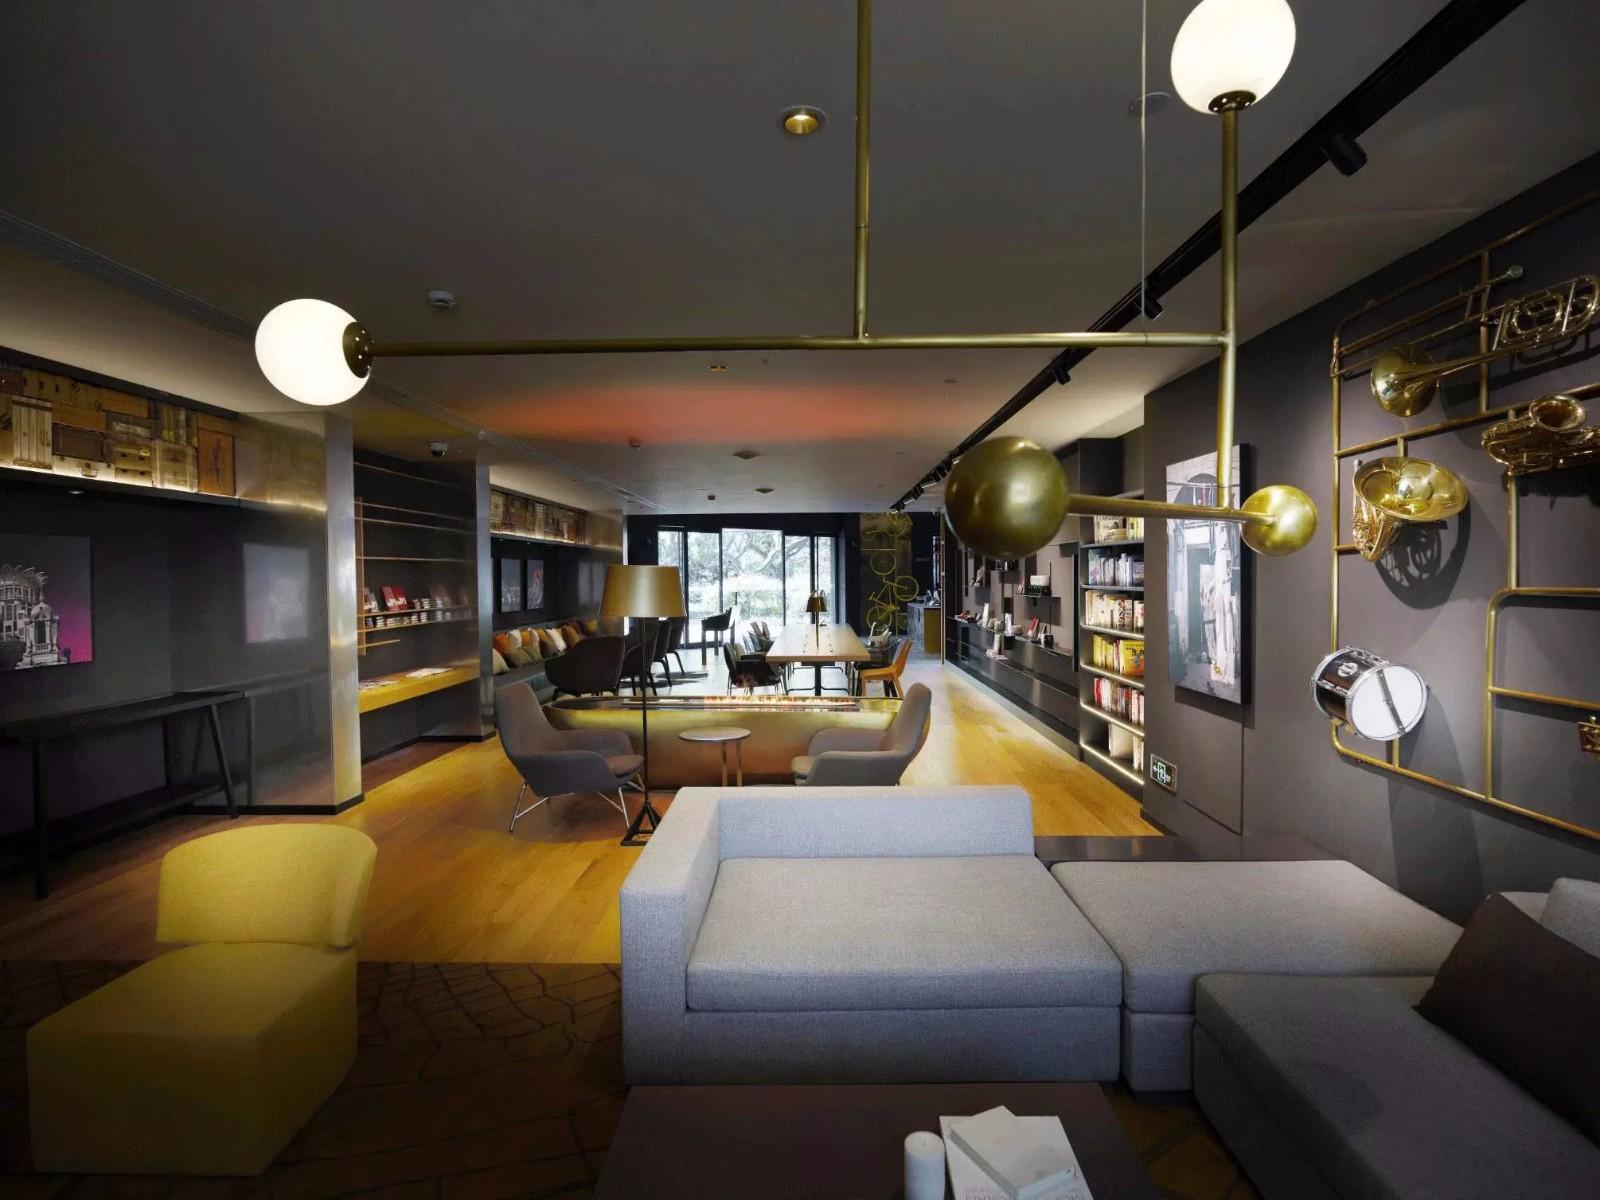 citigo轻奢酒店空间设计案例赏析_杭州象内创意设计